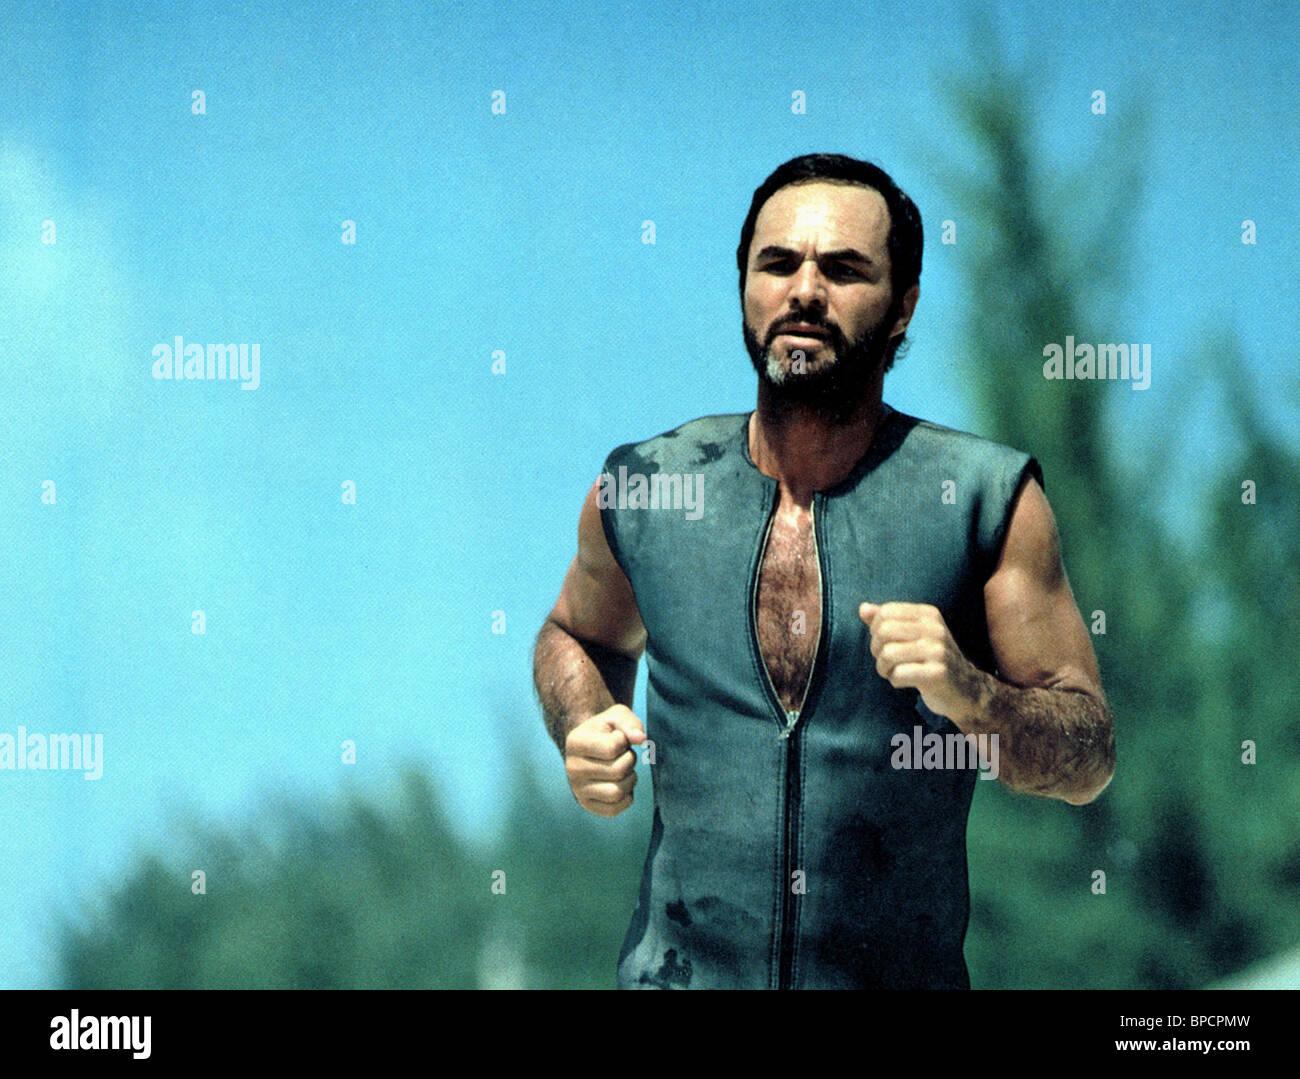 Burt Reynolds Stick 1985 Stock Photo 31014057 Alamy